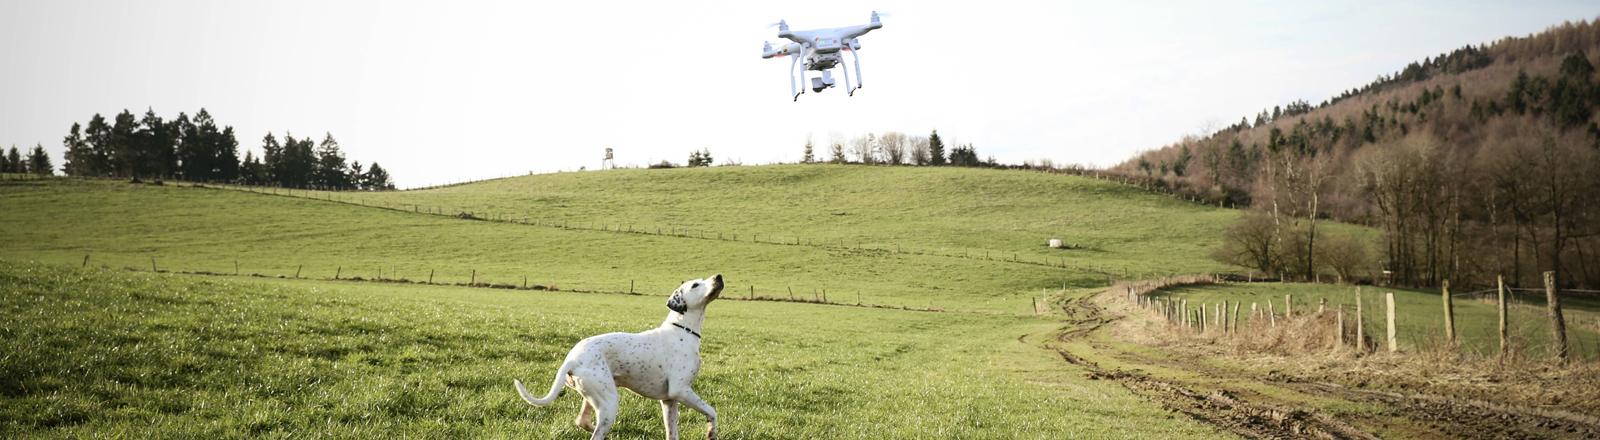 Ein Hund schaut zu einer Drohne nach oben.